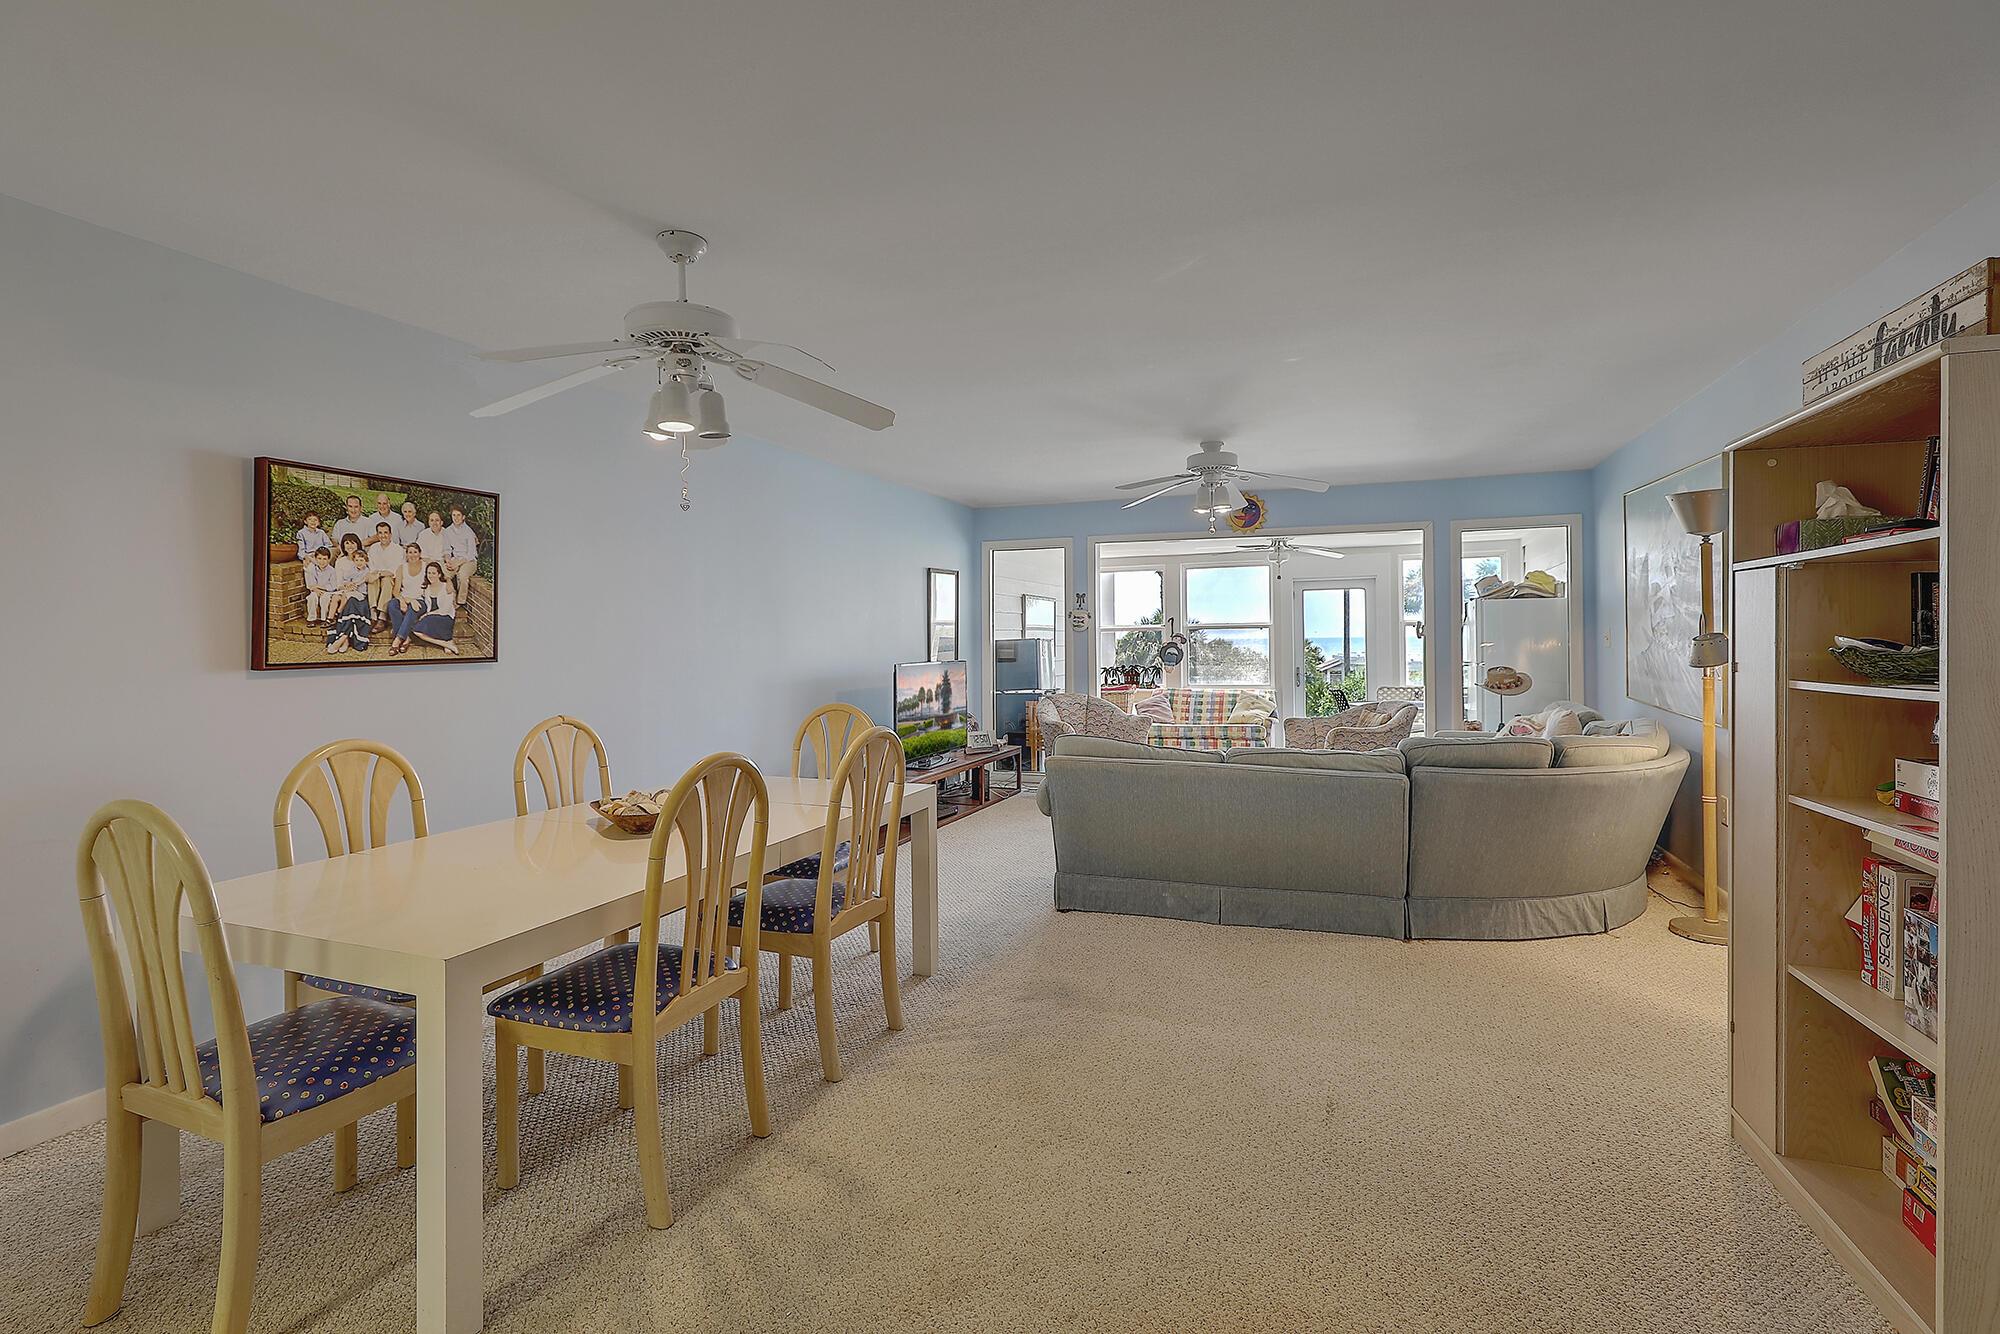 Beach Club Villas Homes For Sale - 15 Beach Club Villas, Isle of Palms, SC - 25